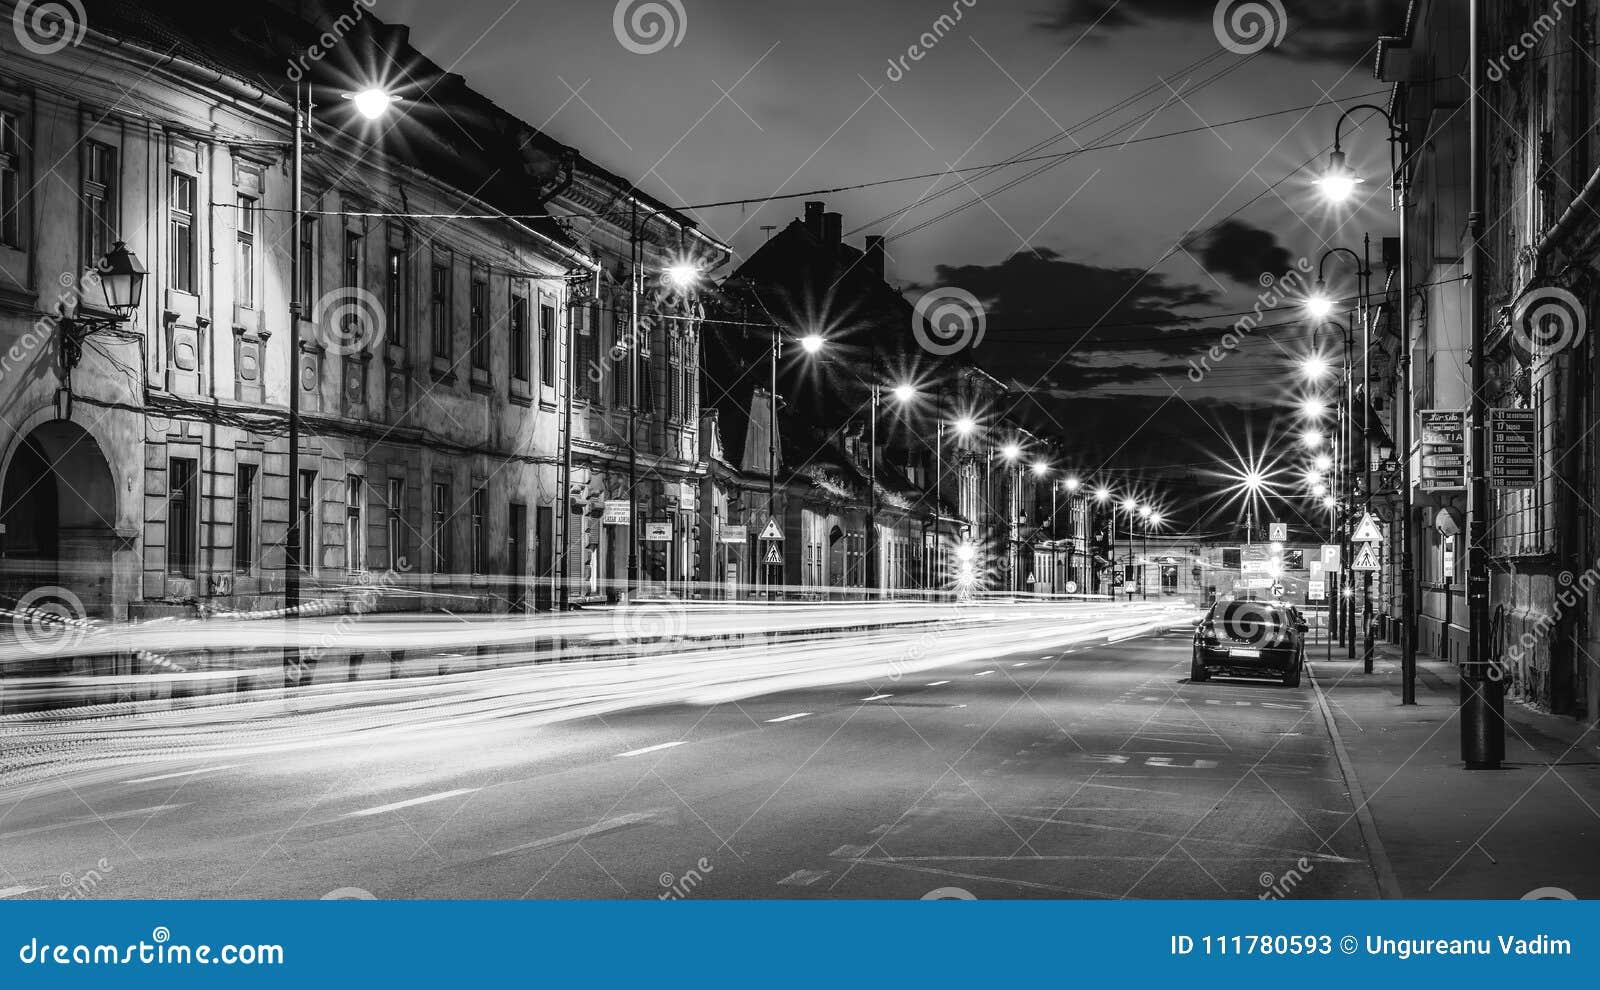 Beautiful monochrome night street in Sibiu, Romania